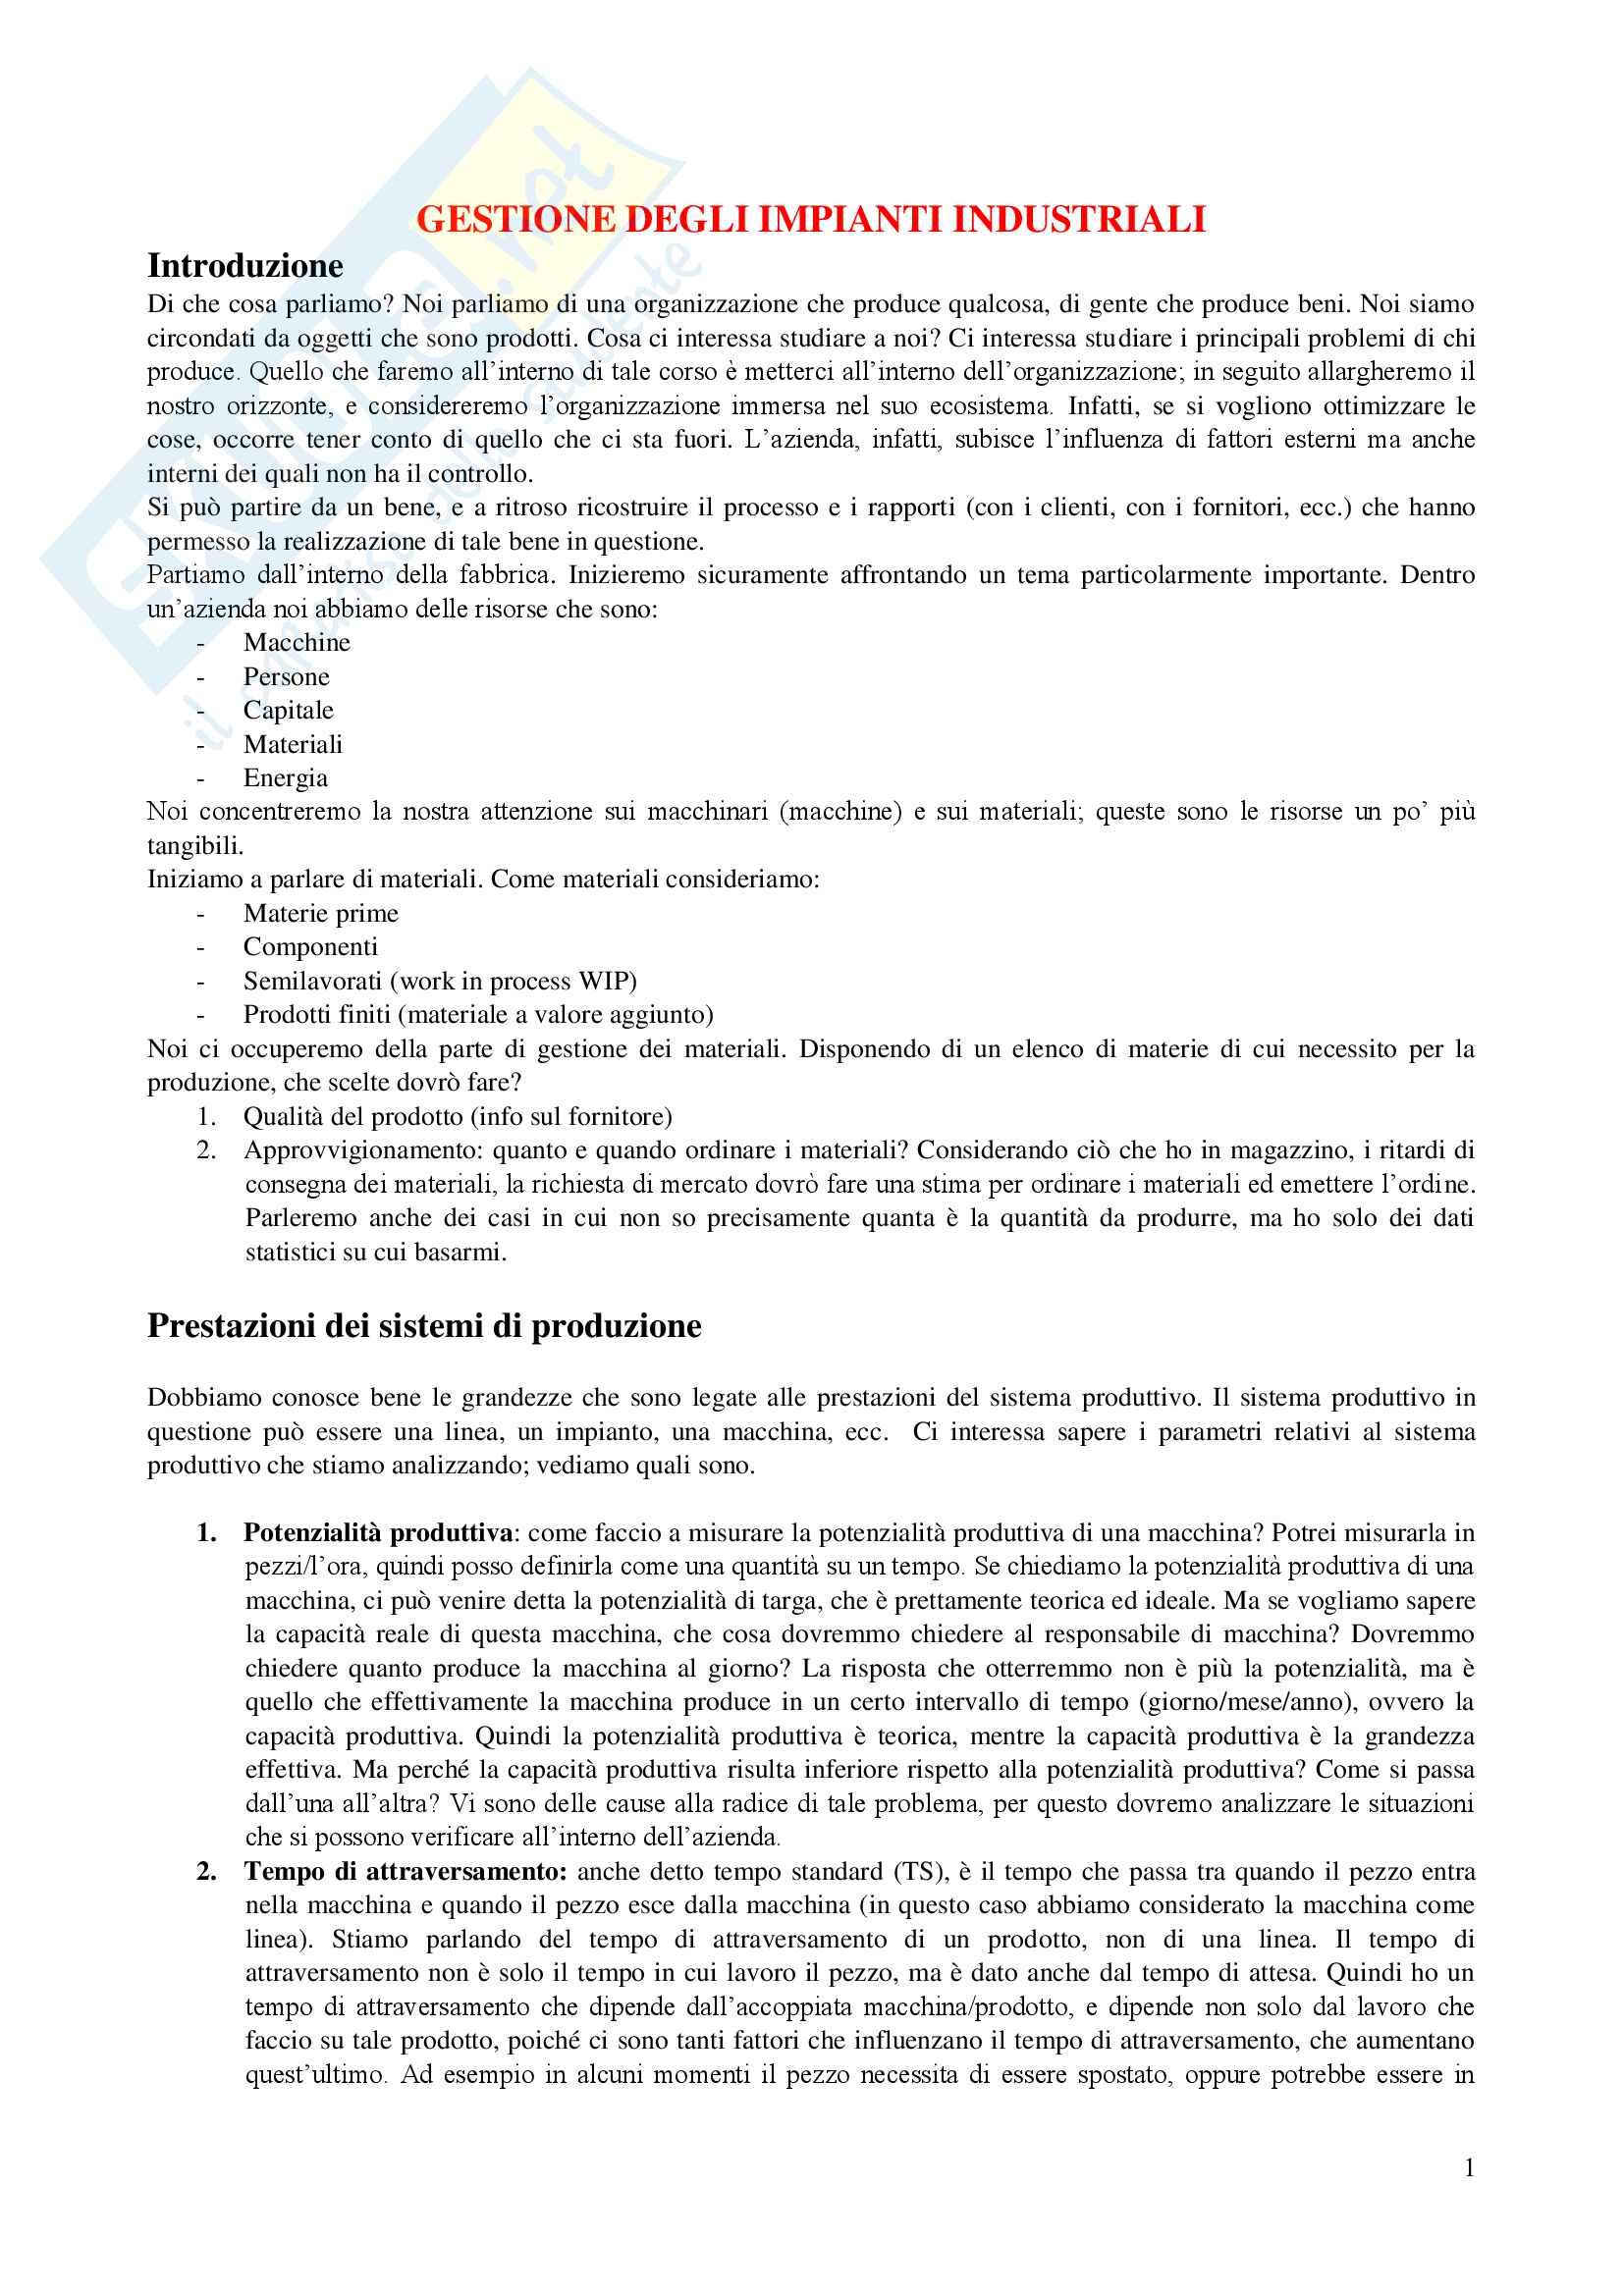 Appunti rielaborati esame di Gestione degli impianti industriali, prof Francesco Costantino